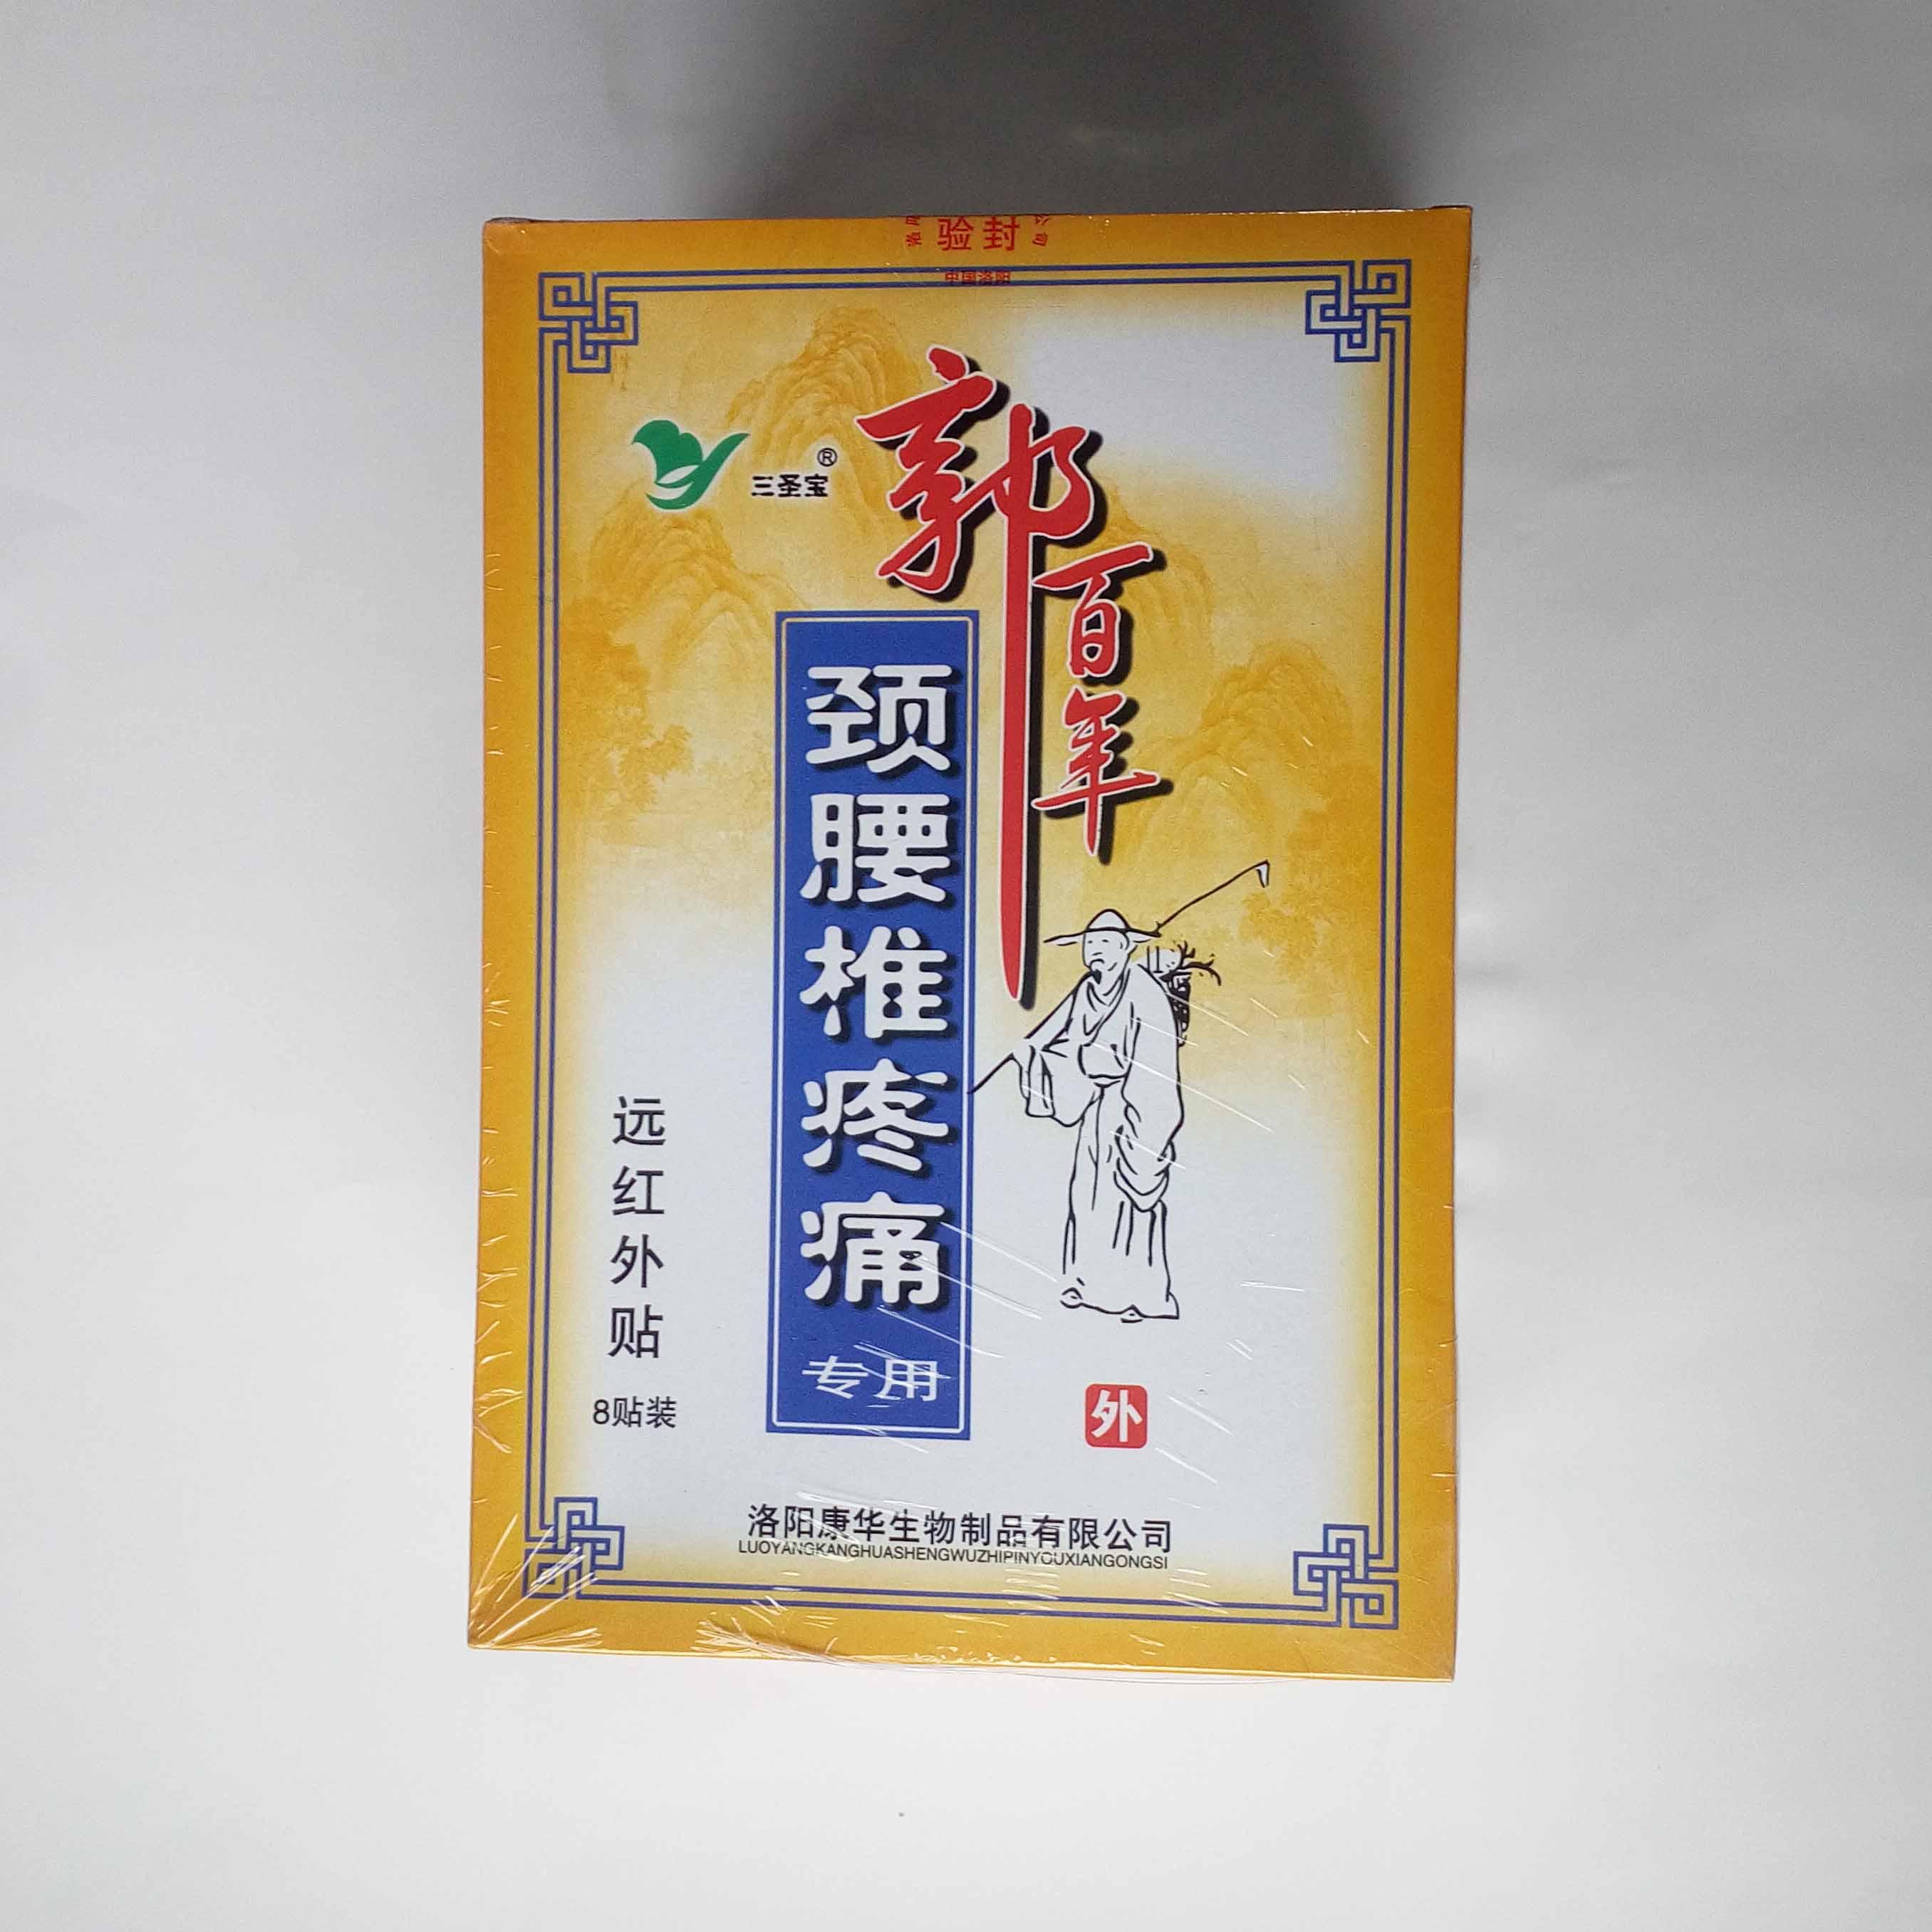 颈腰椎疼痛专用远红外贴(三圣宝郭百年)